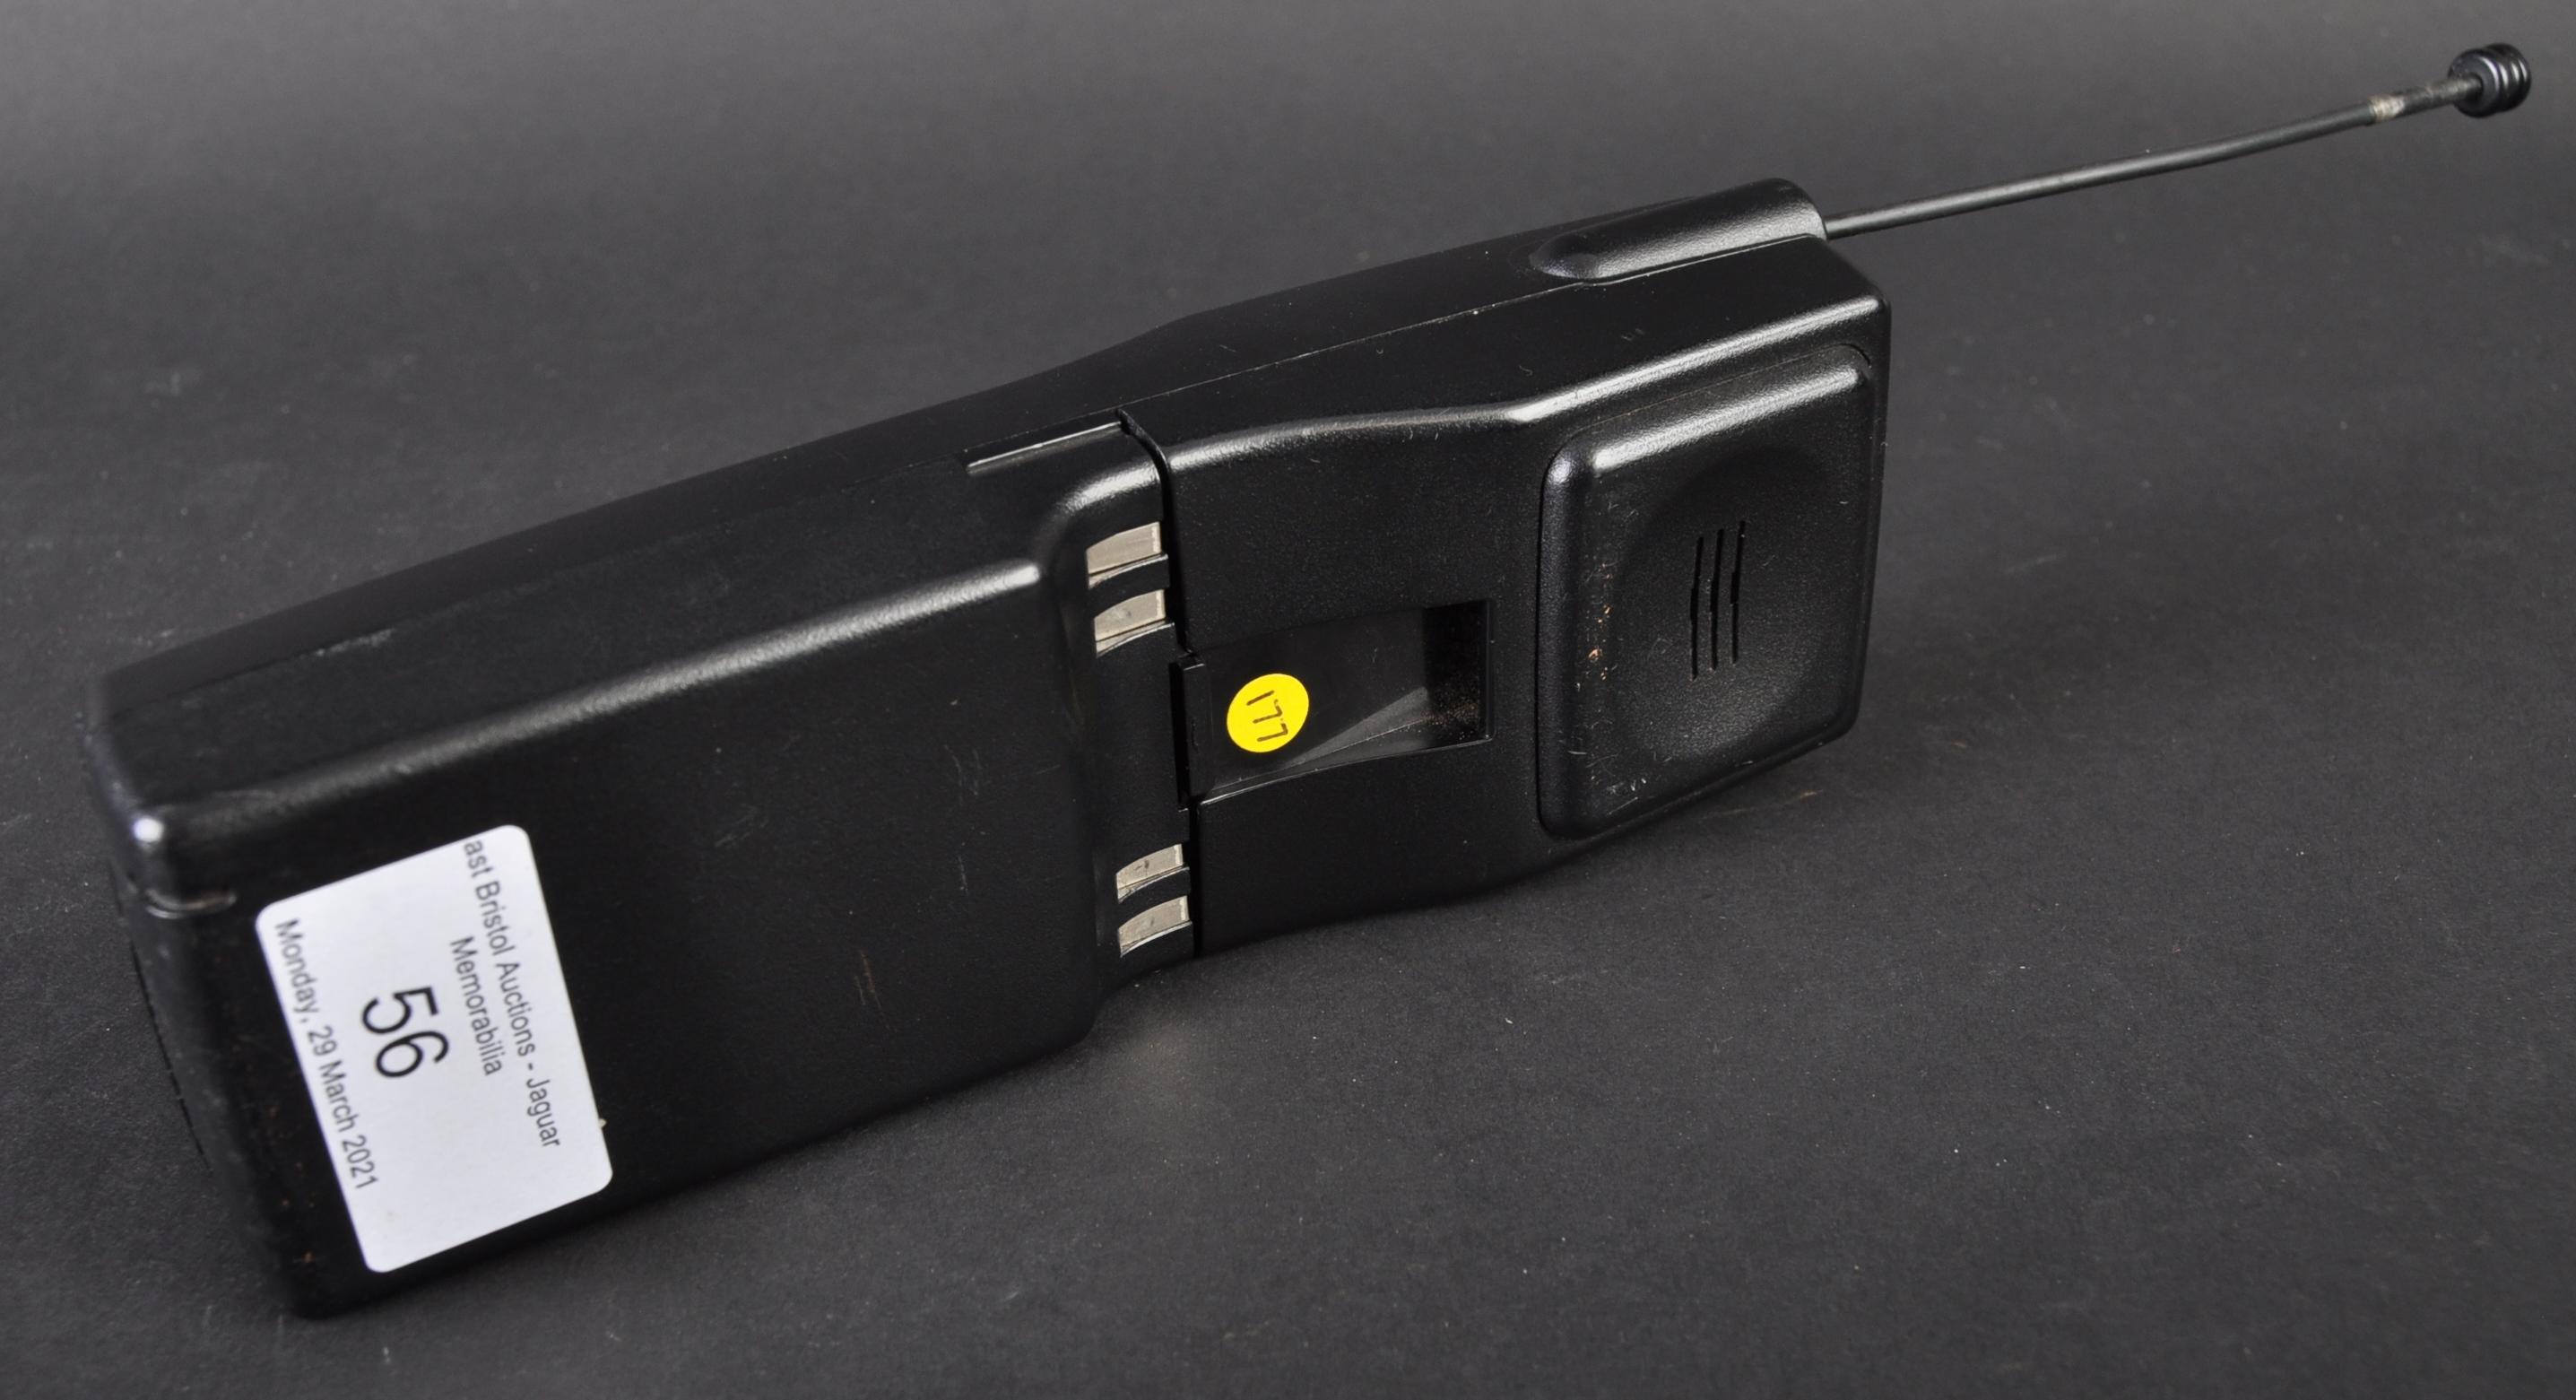 JAGUAR - ORIGINAL 1990S PANASONIC JAGUAR CAR PHONE - Image 3 of 5